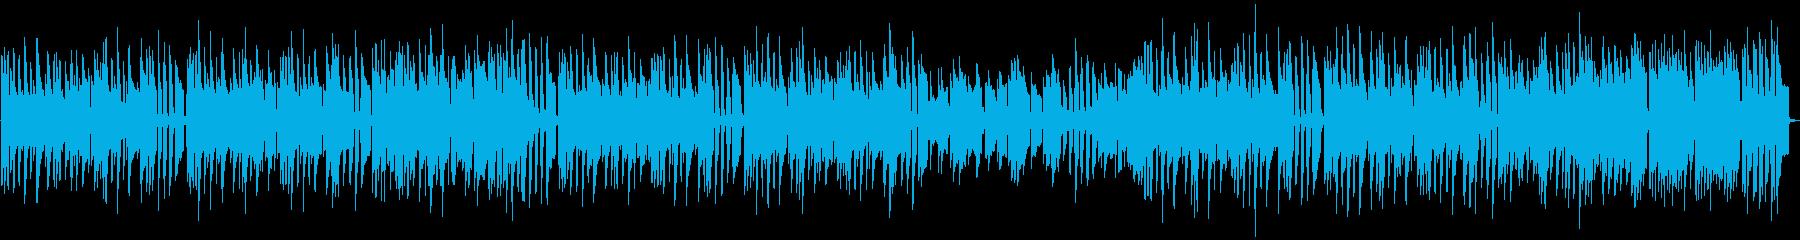 ピアノとアコギ可愛く癒される日常BGMの再生済みの波形